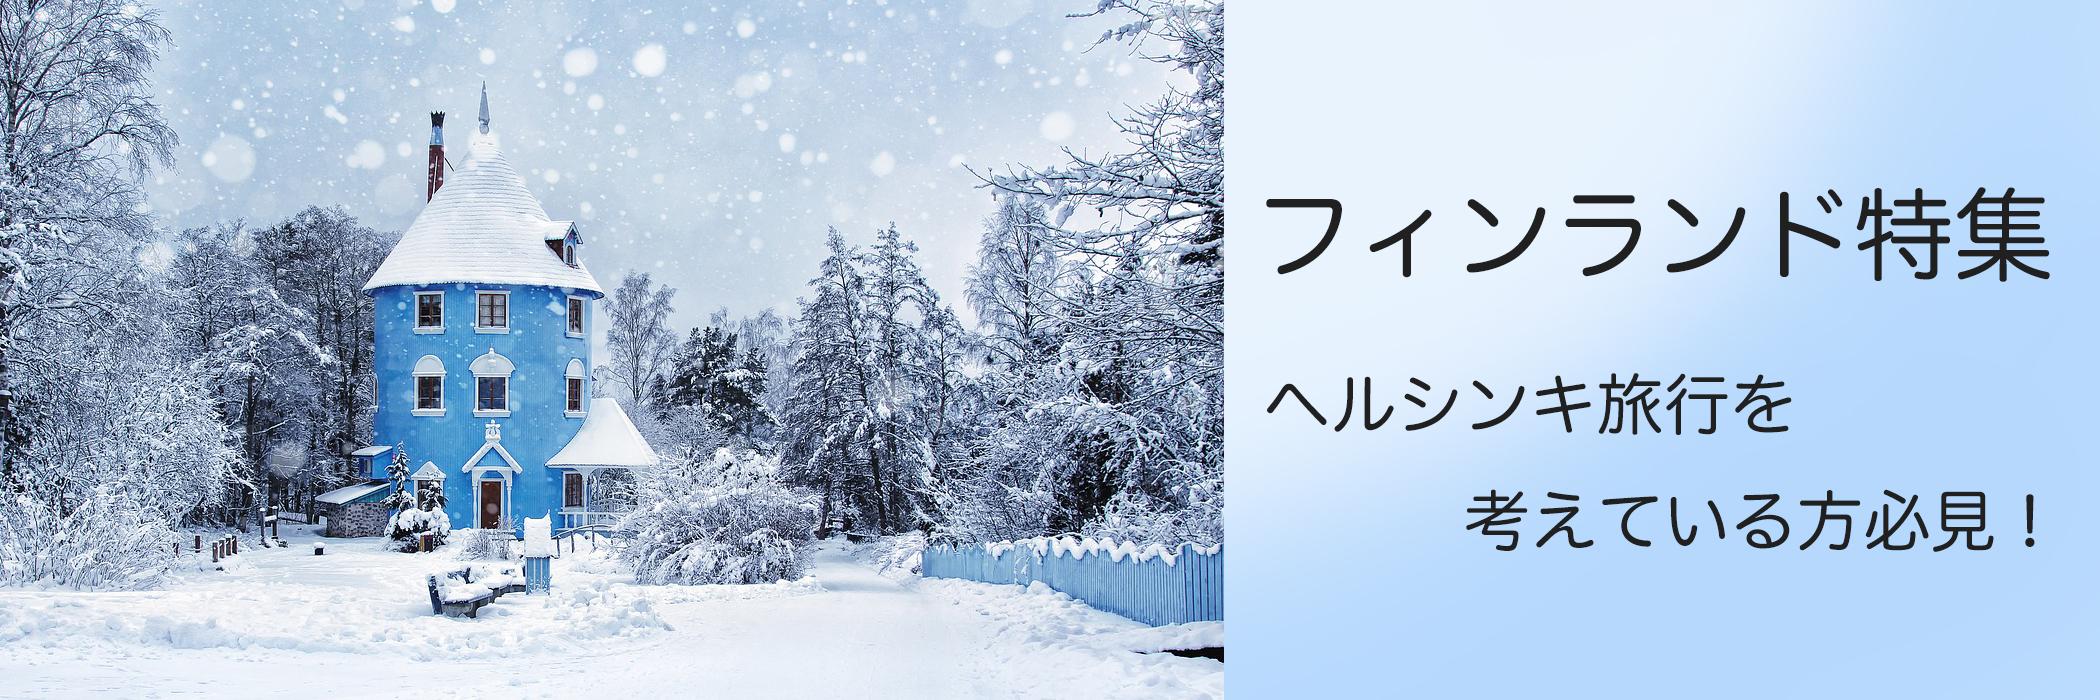 今年の冬こそヘルシンキへ!